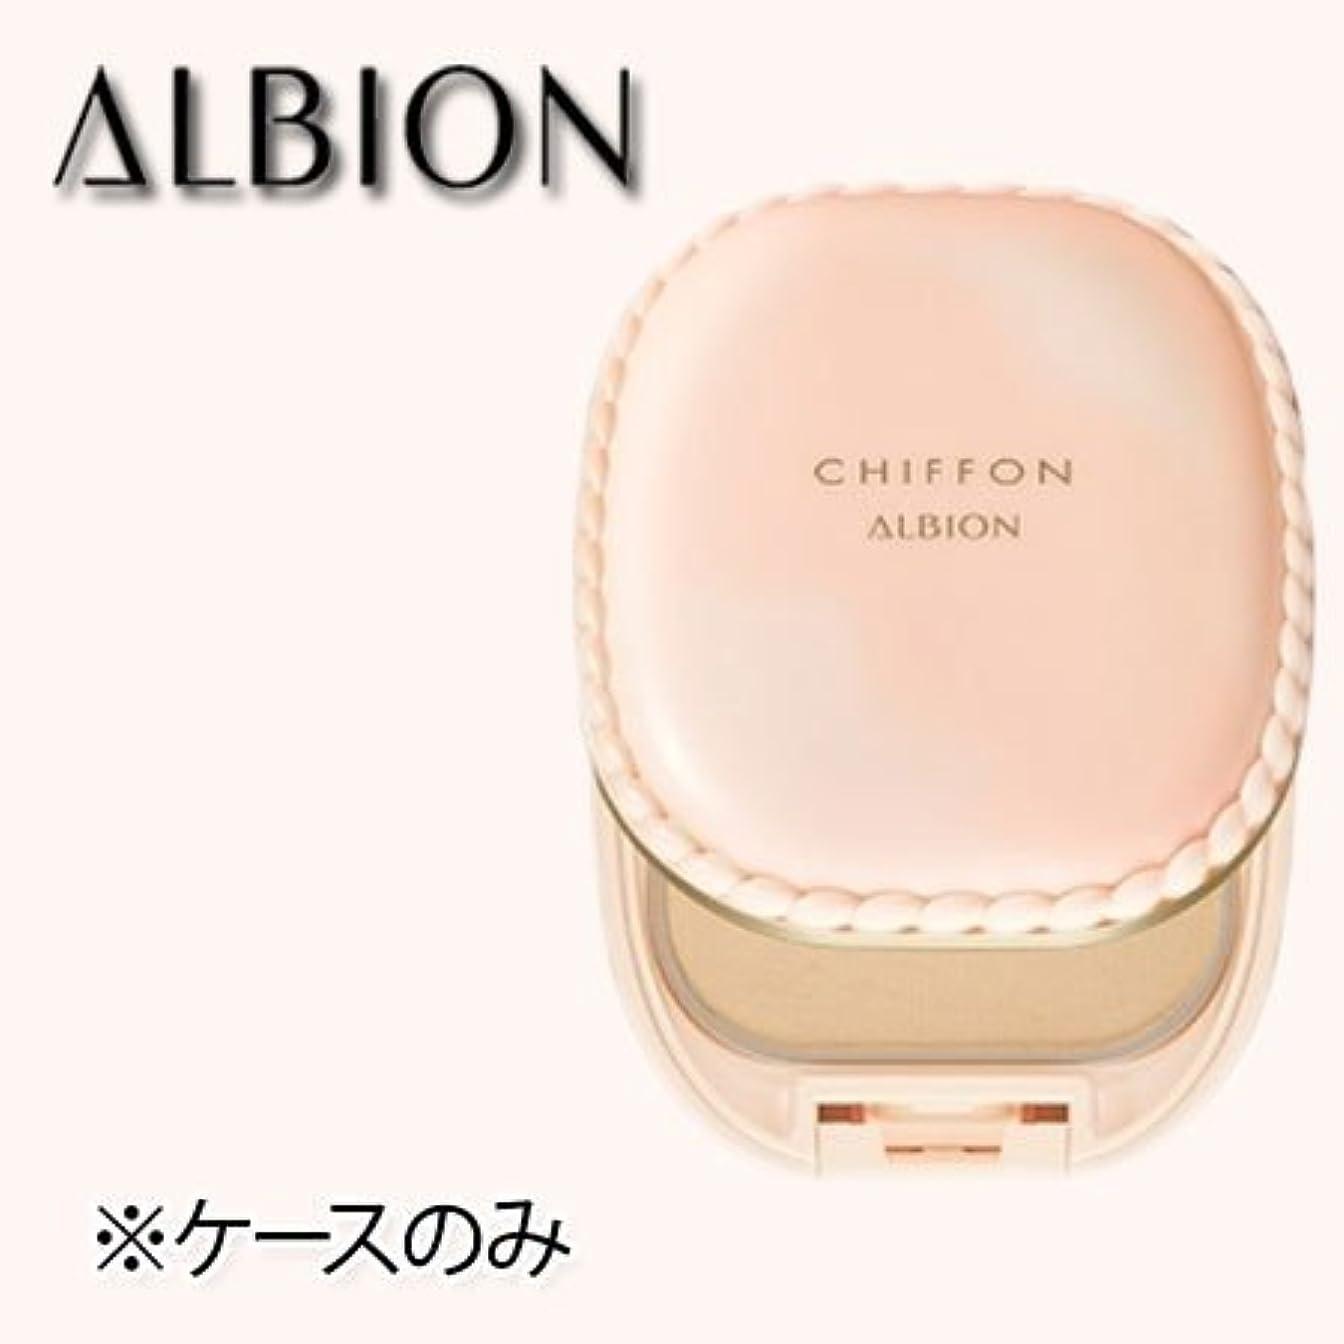 十くつろぎ読みやすいアルビオン スウィート モイスチュア シフォンケース (マット付ケース) -ALBION-